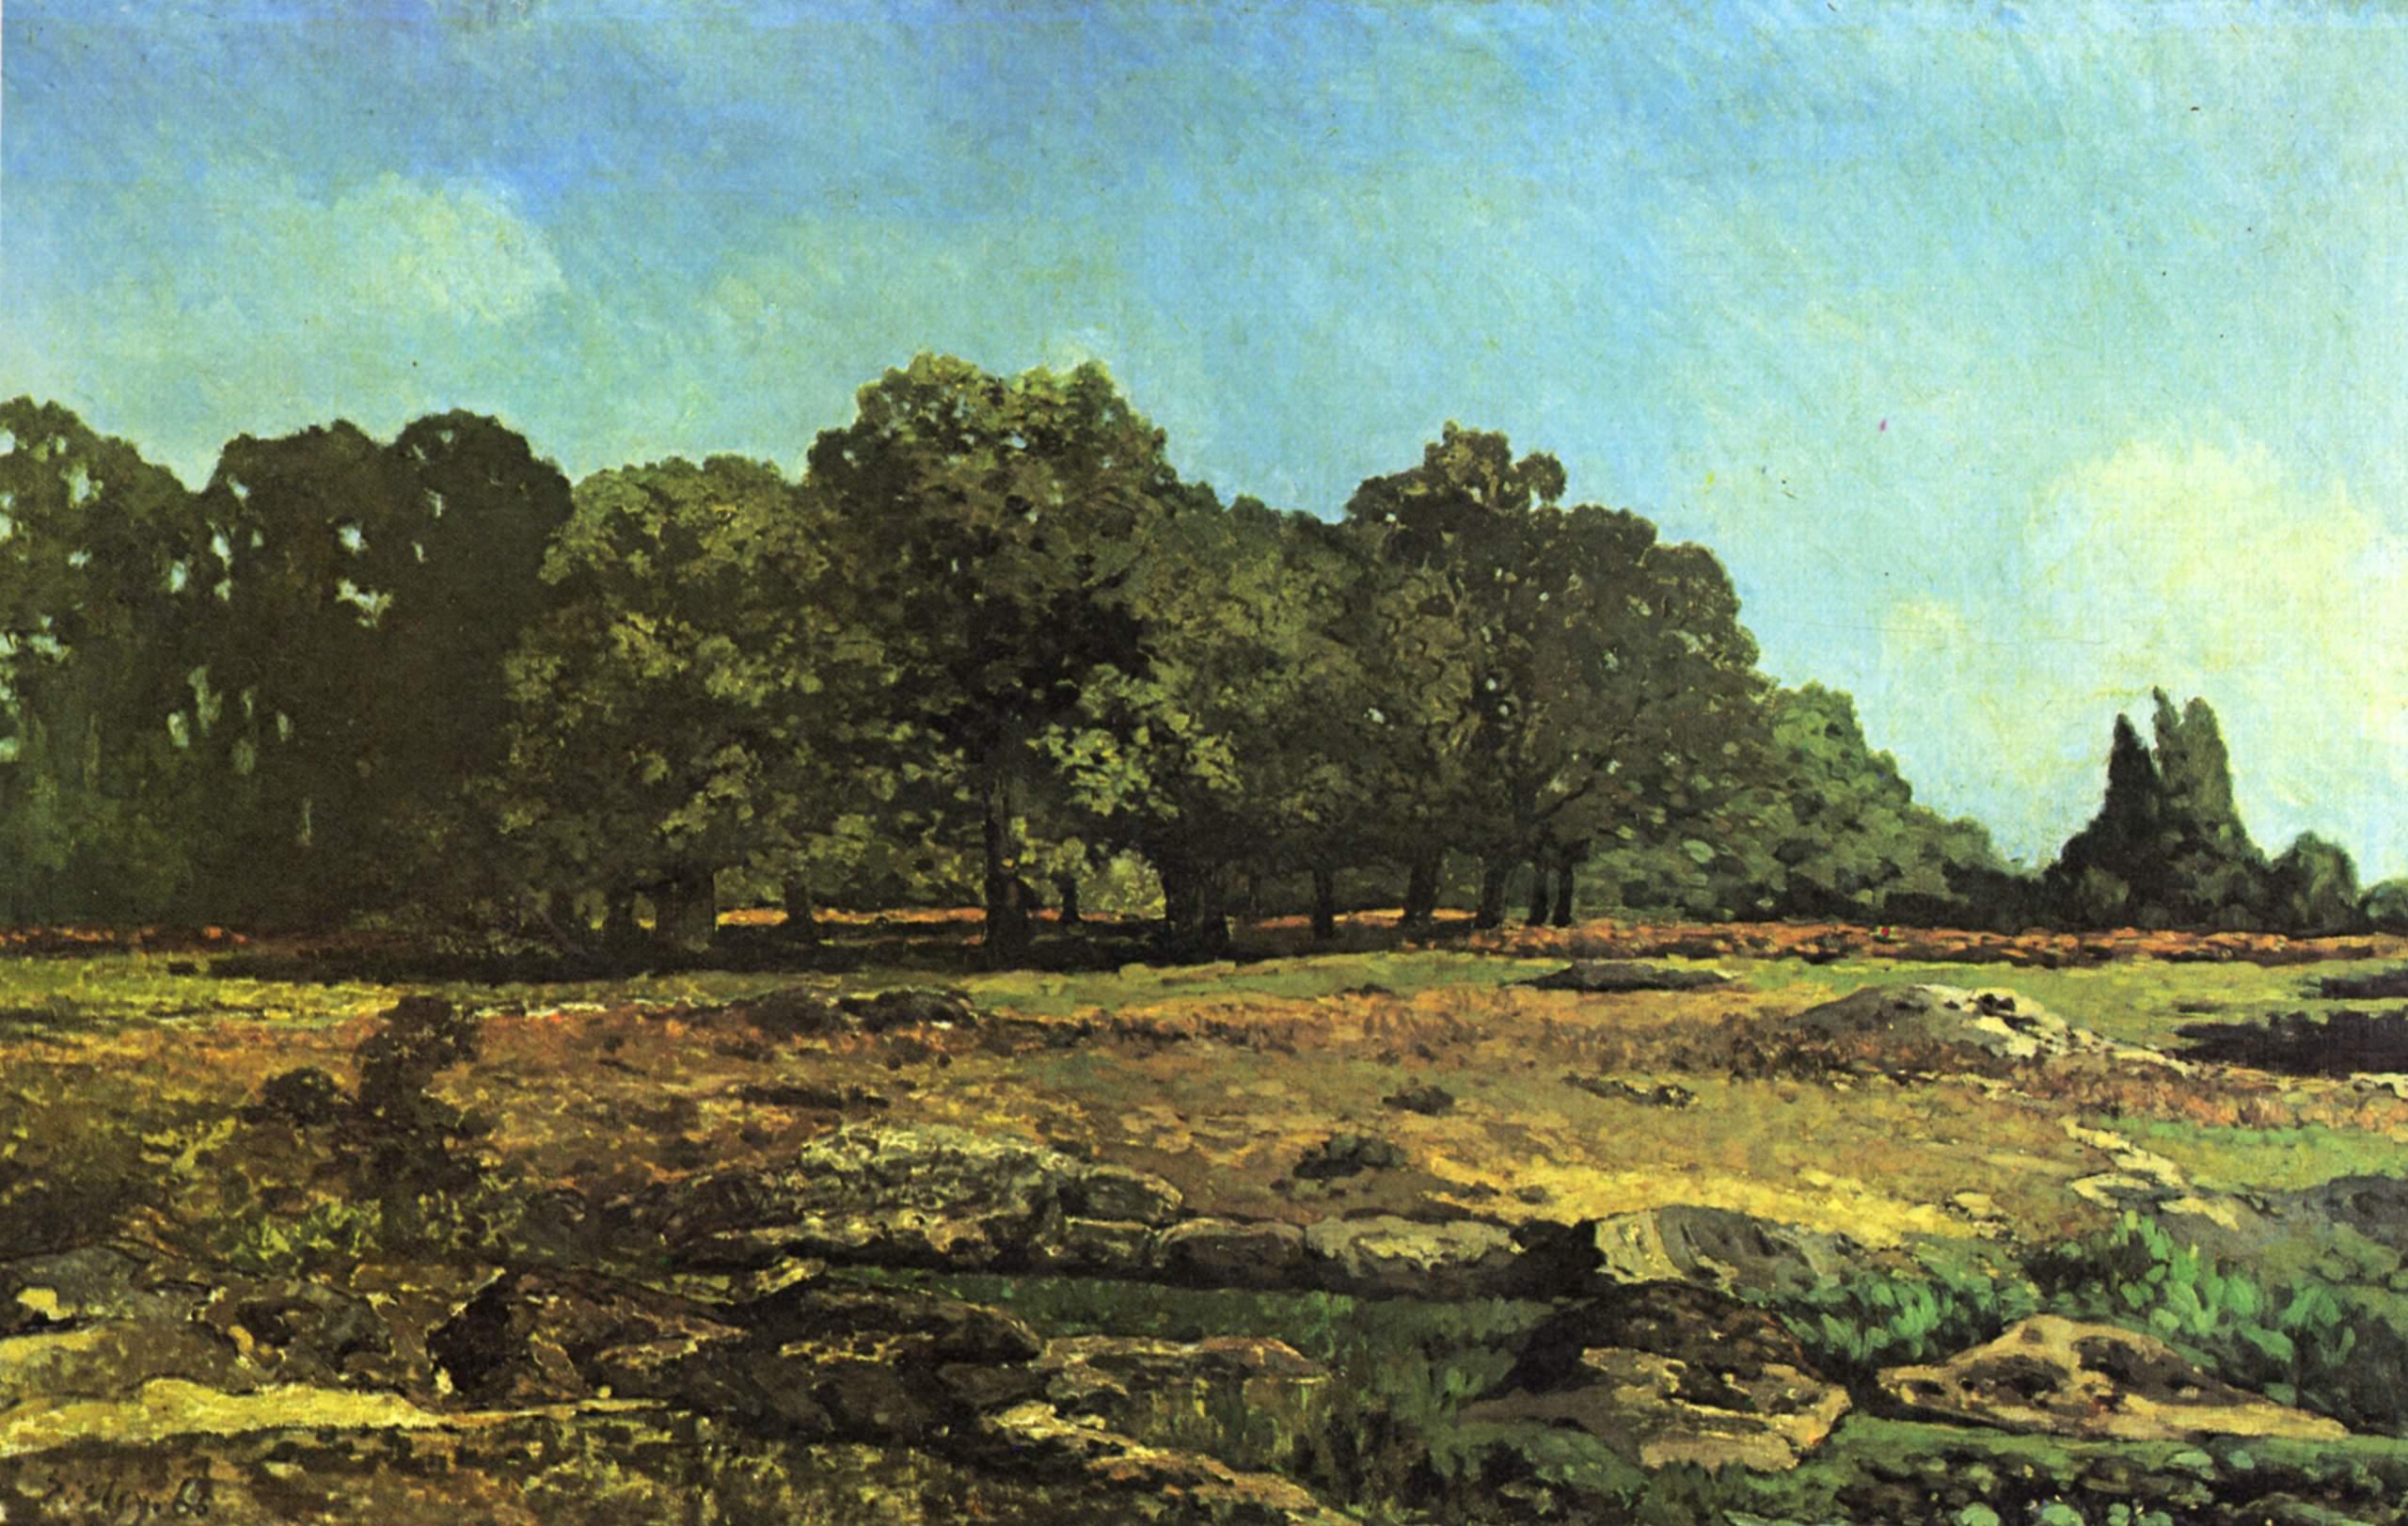 File:Alfred Sisley 036.jpg - Wikimedia Commons